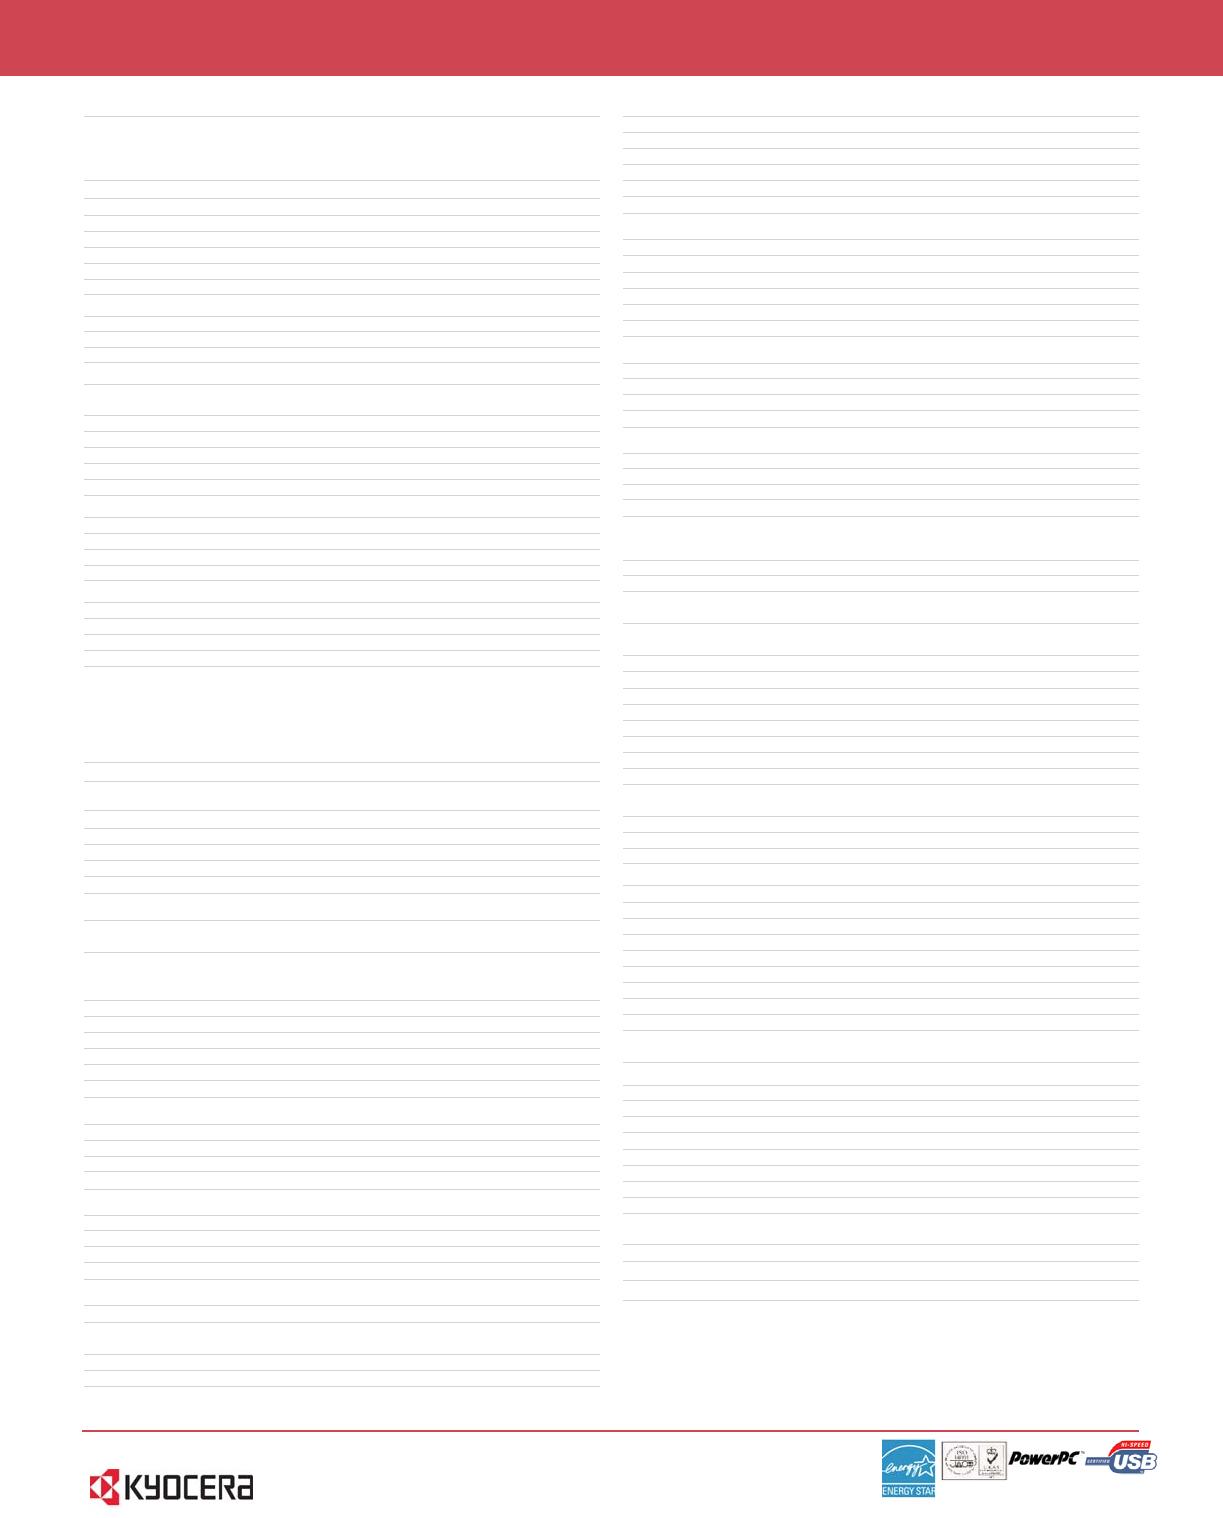 Kyocera KM-5050 Printer User Manual. Page 1. Page 1. Open as PDF